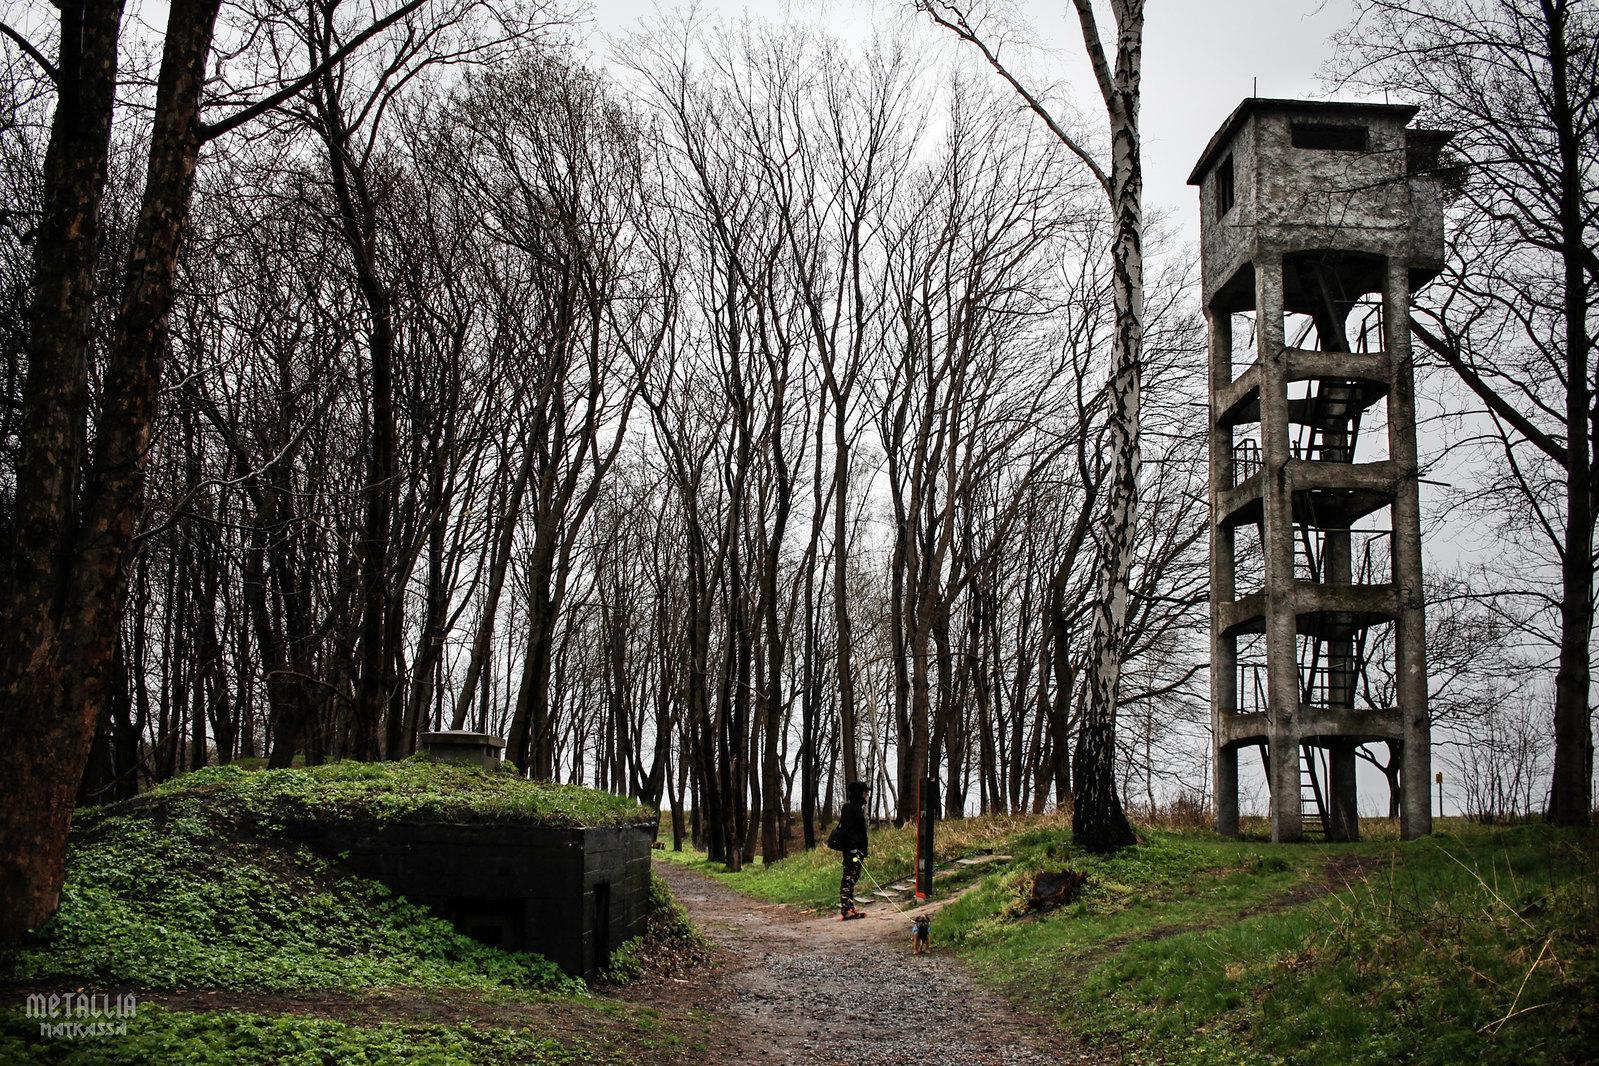 battlefield tourism, westerplatte, gdanskin nähtävyydet, gdansk sightseeing, dark tourism in poland, tuskaturismi, sotahistorialliset kohteet puolassa, war history in poland